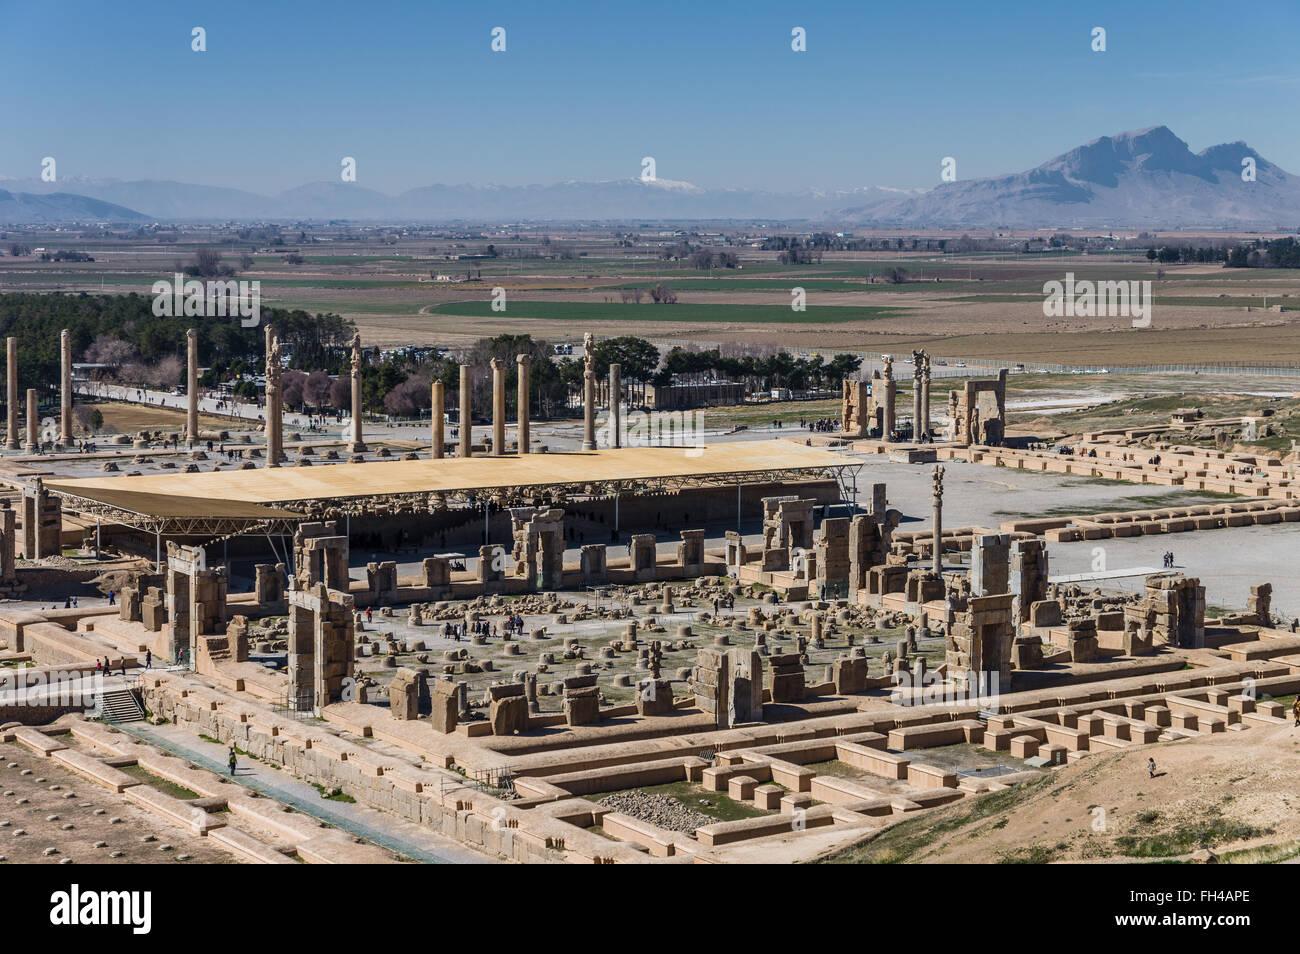 Ruinas de Persépolis, la ciudad más importante de la antigua Persia. Irán, 2016 Imagen De Stock